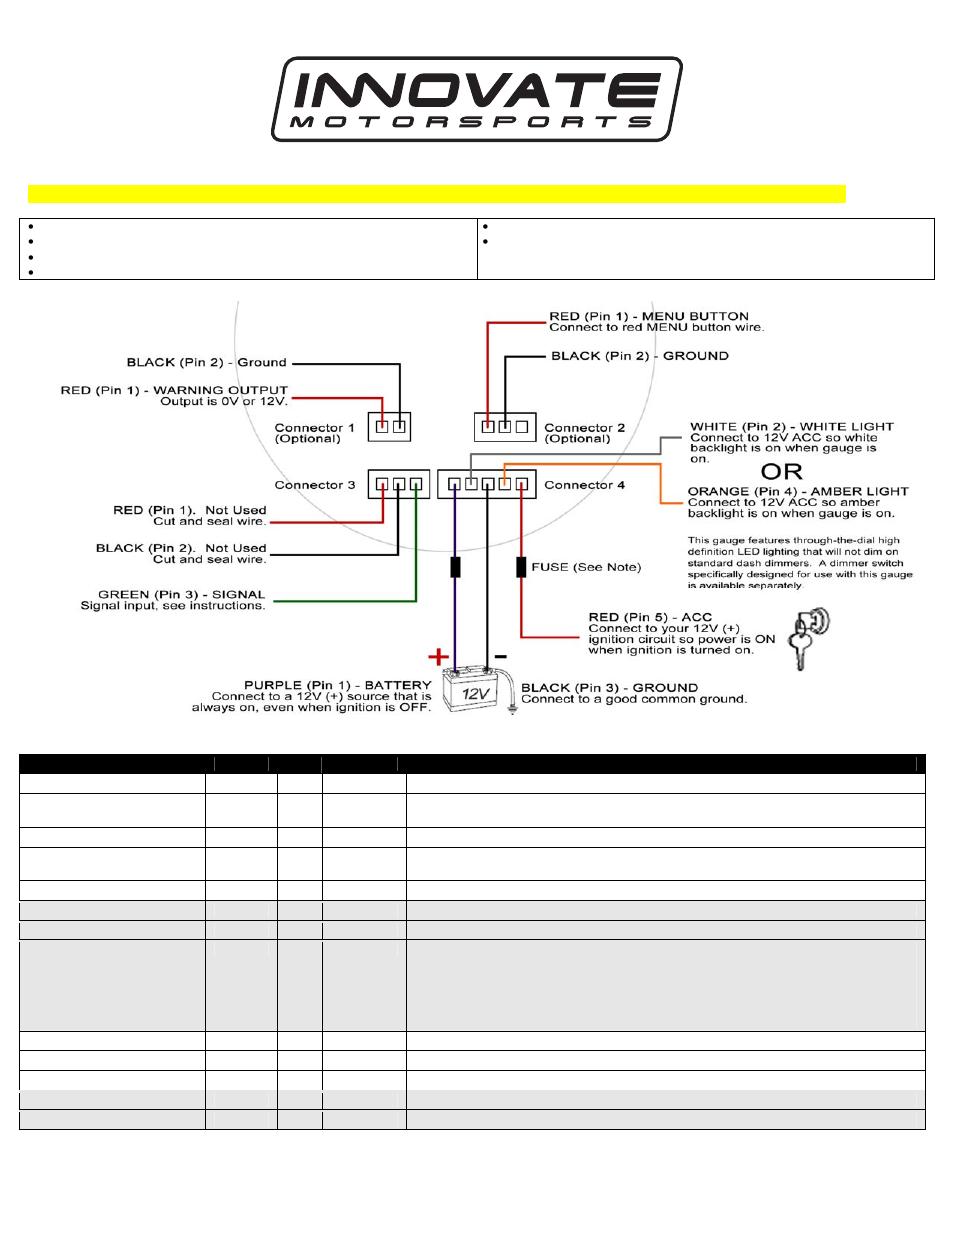 medium resolution of wiring diagram innovate blog wiring diagram wiring diagram innovate wideband o2 wiring innovate wideband wiring